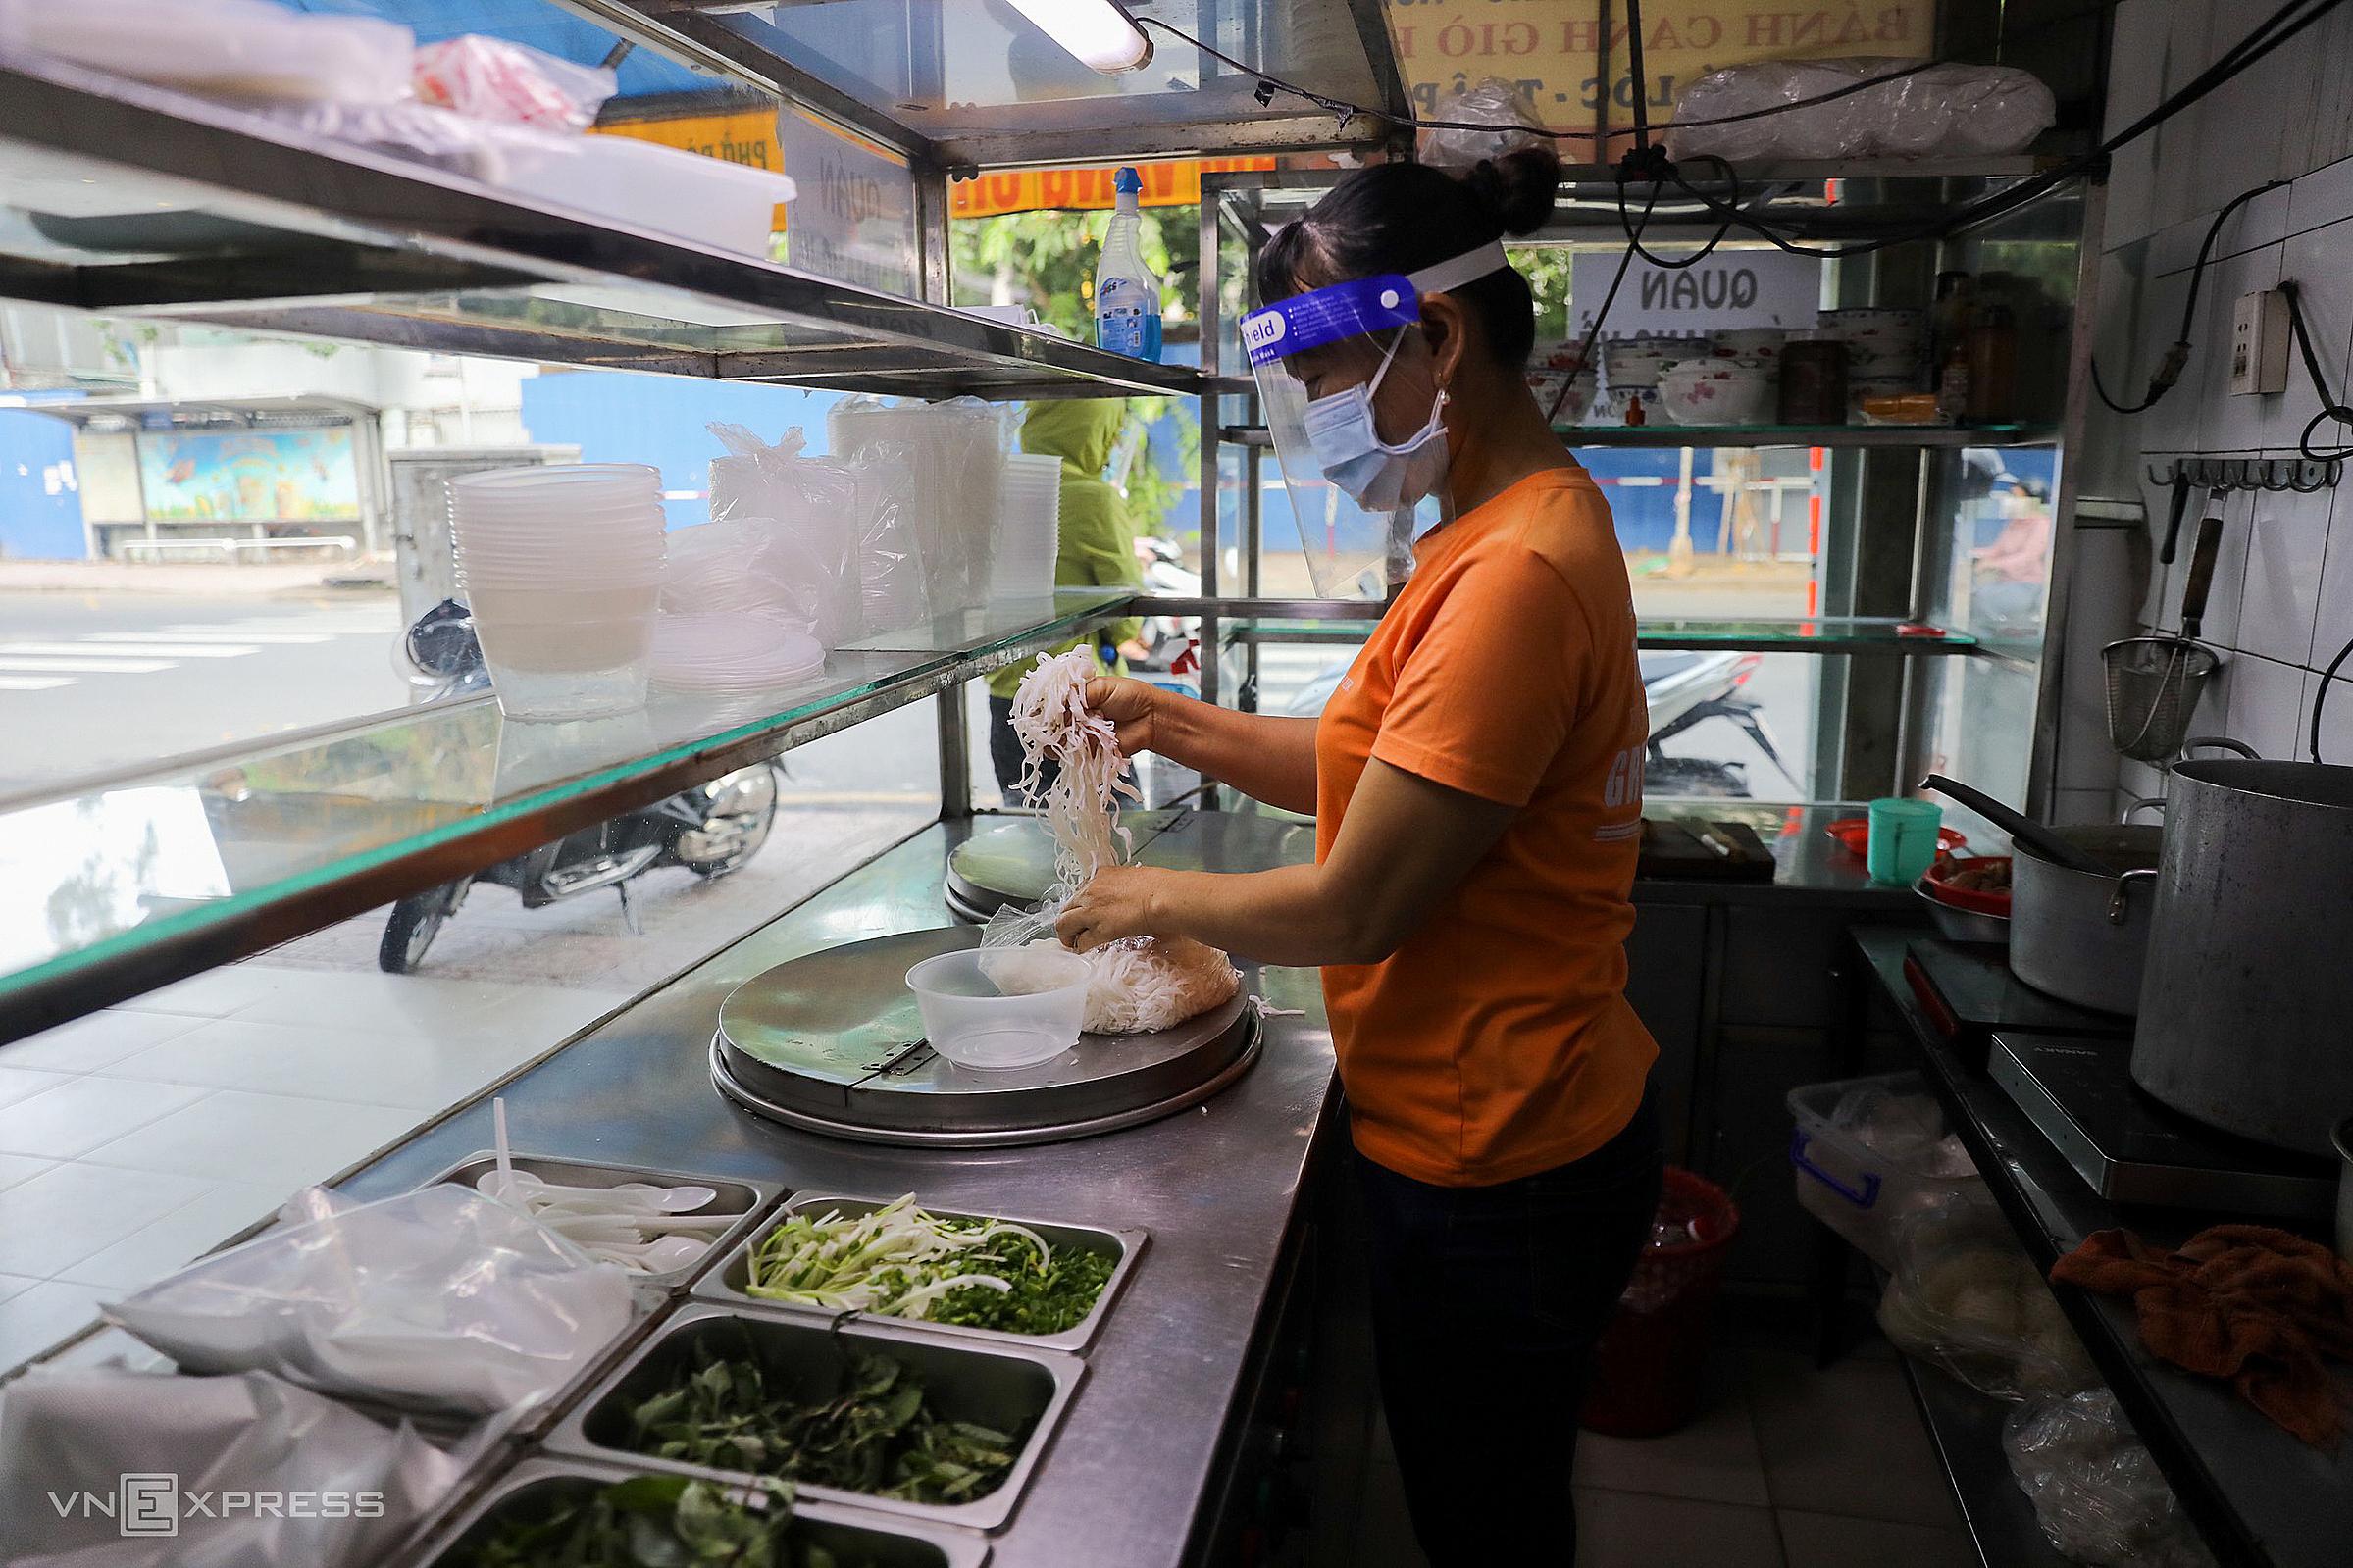 Tiệm hủ tiếu trên đường Nơ Trang Long (quận Bình Thạnh) bán trở lại sáng 9/9.Ảnh: Quỳnh Trần